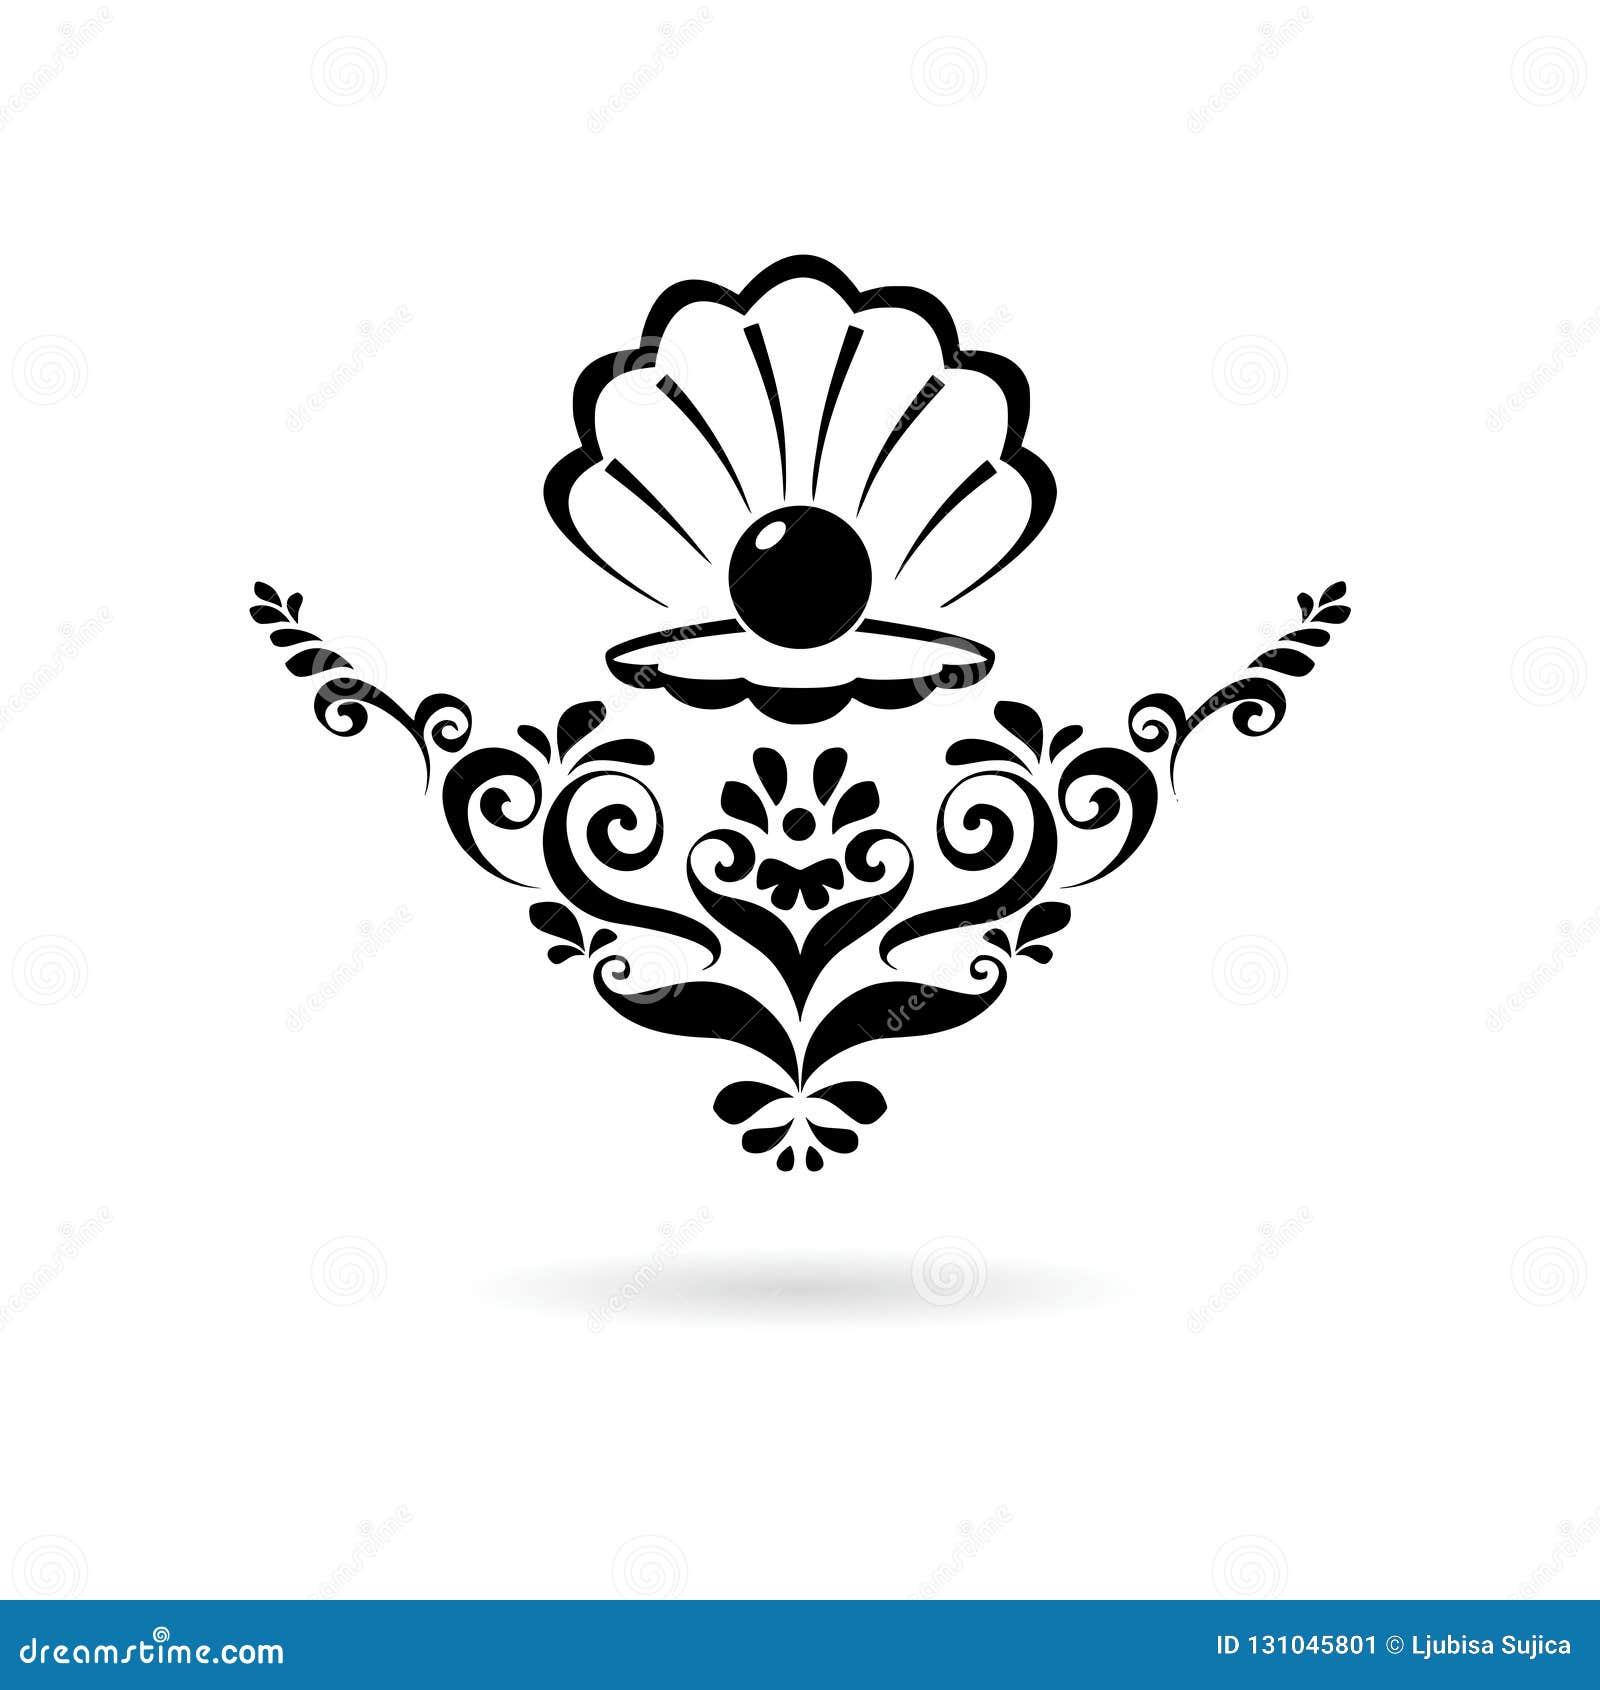 Pérola do Mar Negro no escudo aberto, no ícone do ornamento floral ou no logotipo